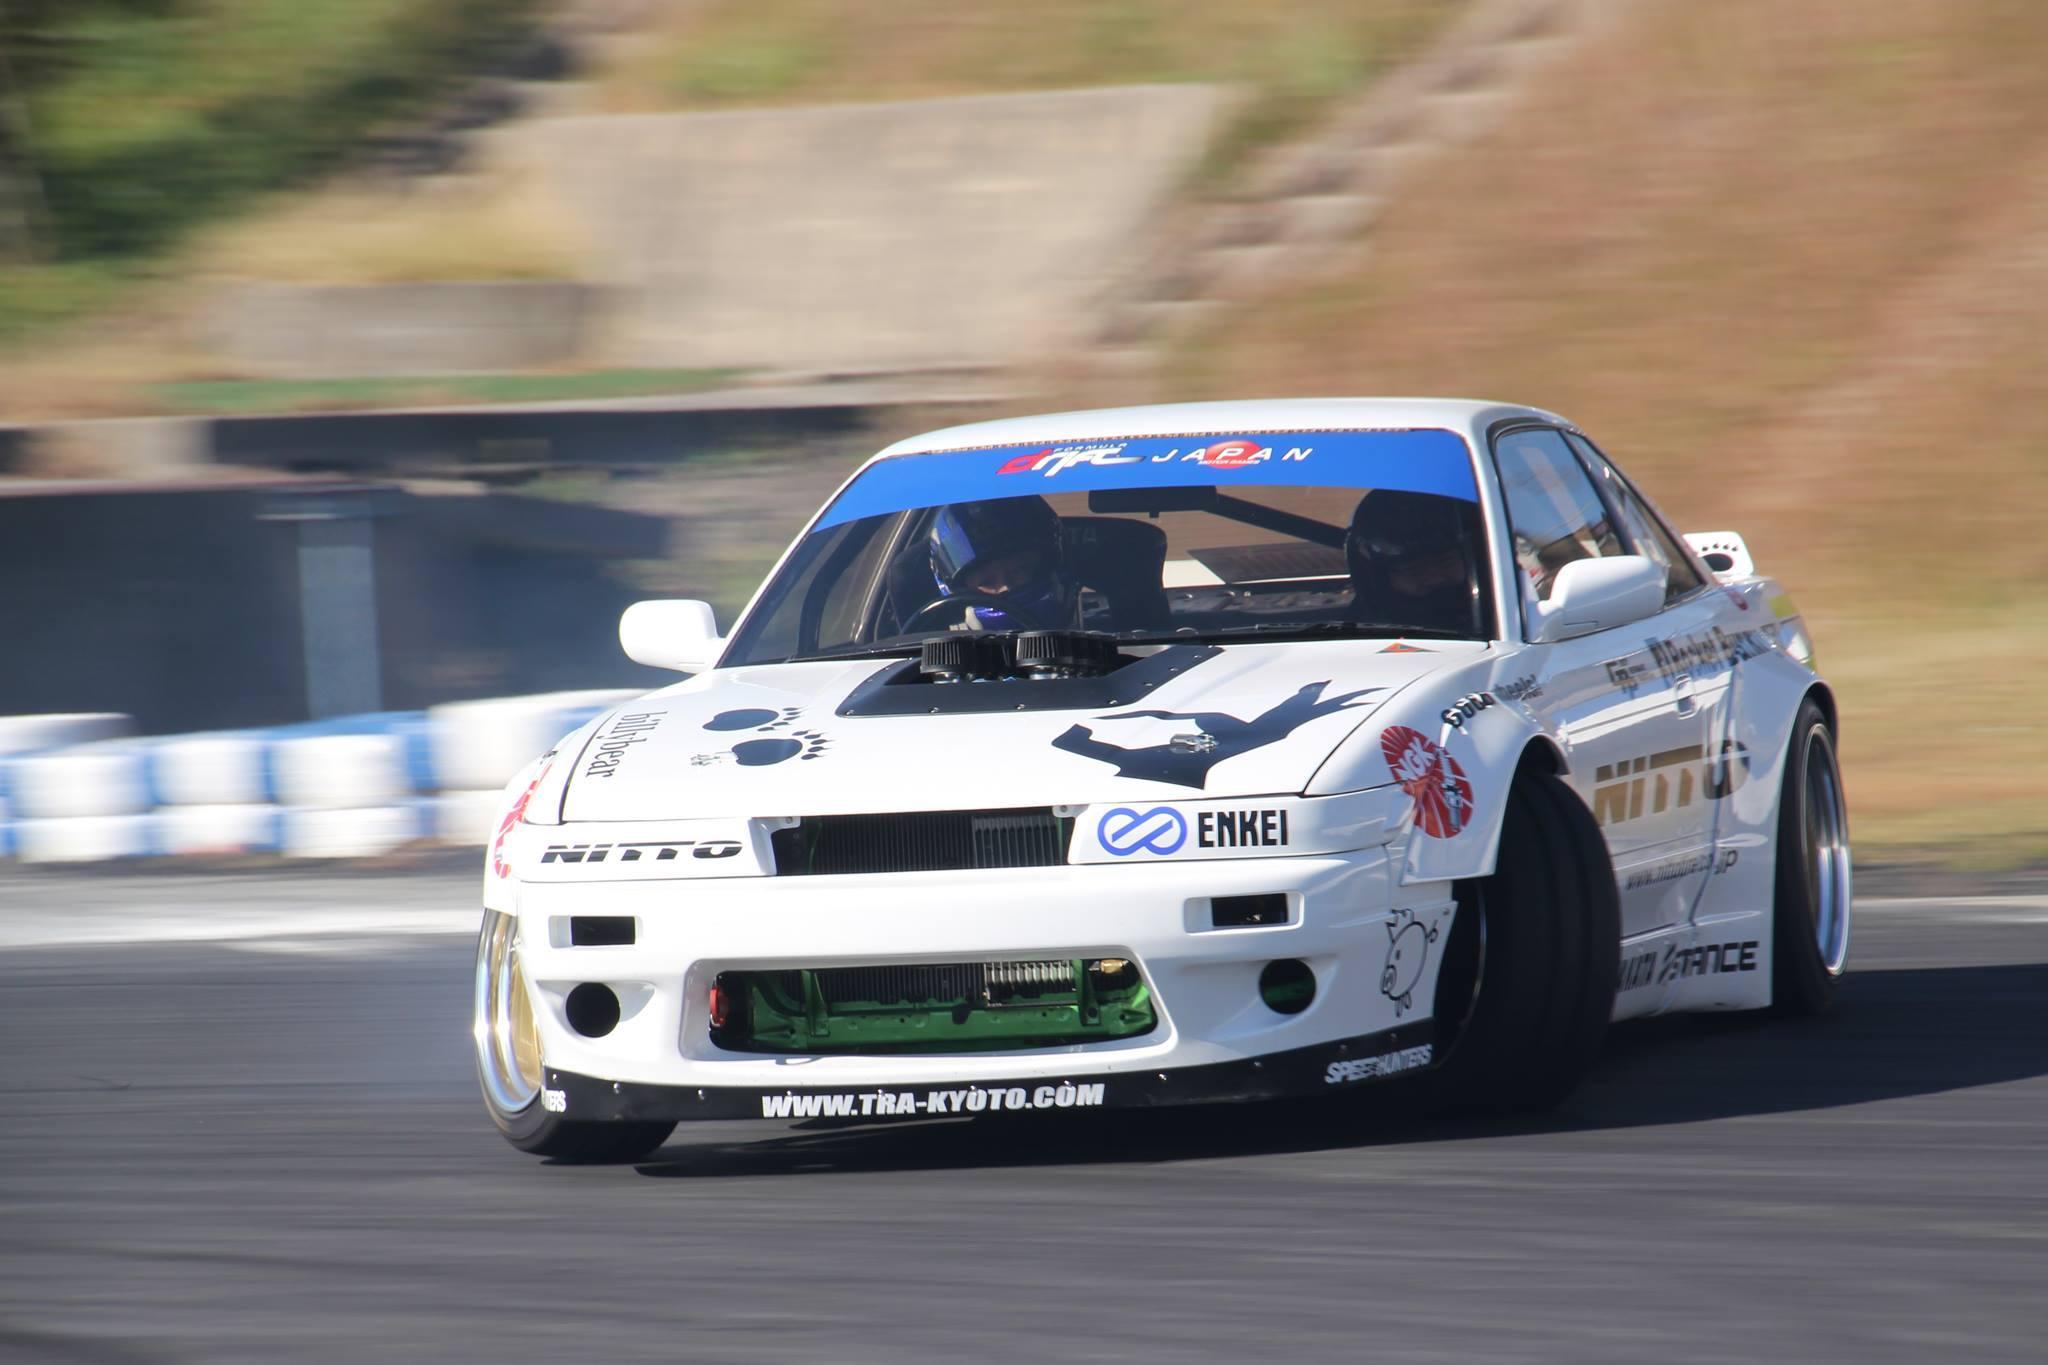 STANCE Japan's Formula Drift Japan Rocket Bunny S13 - STANCE SUSPENSION